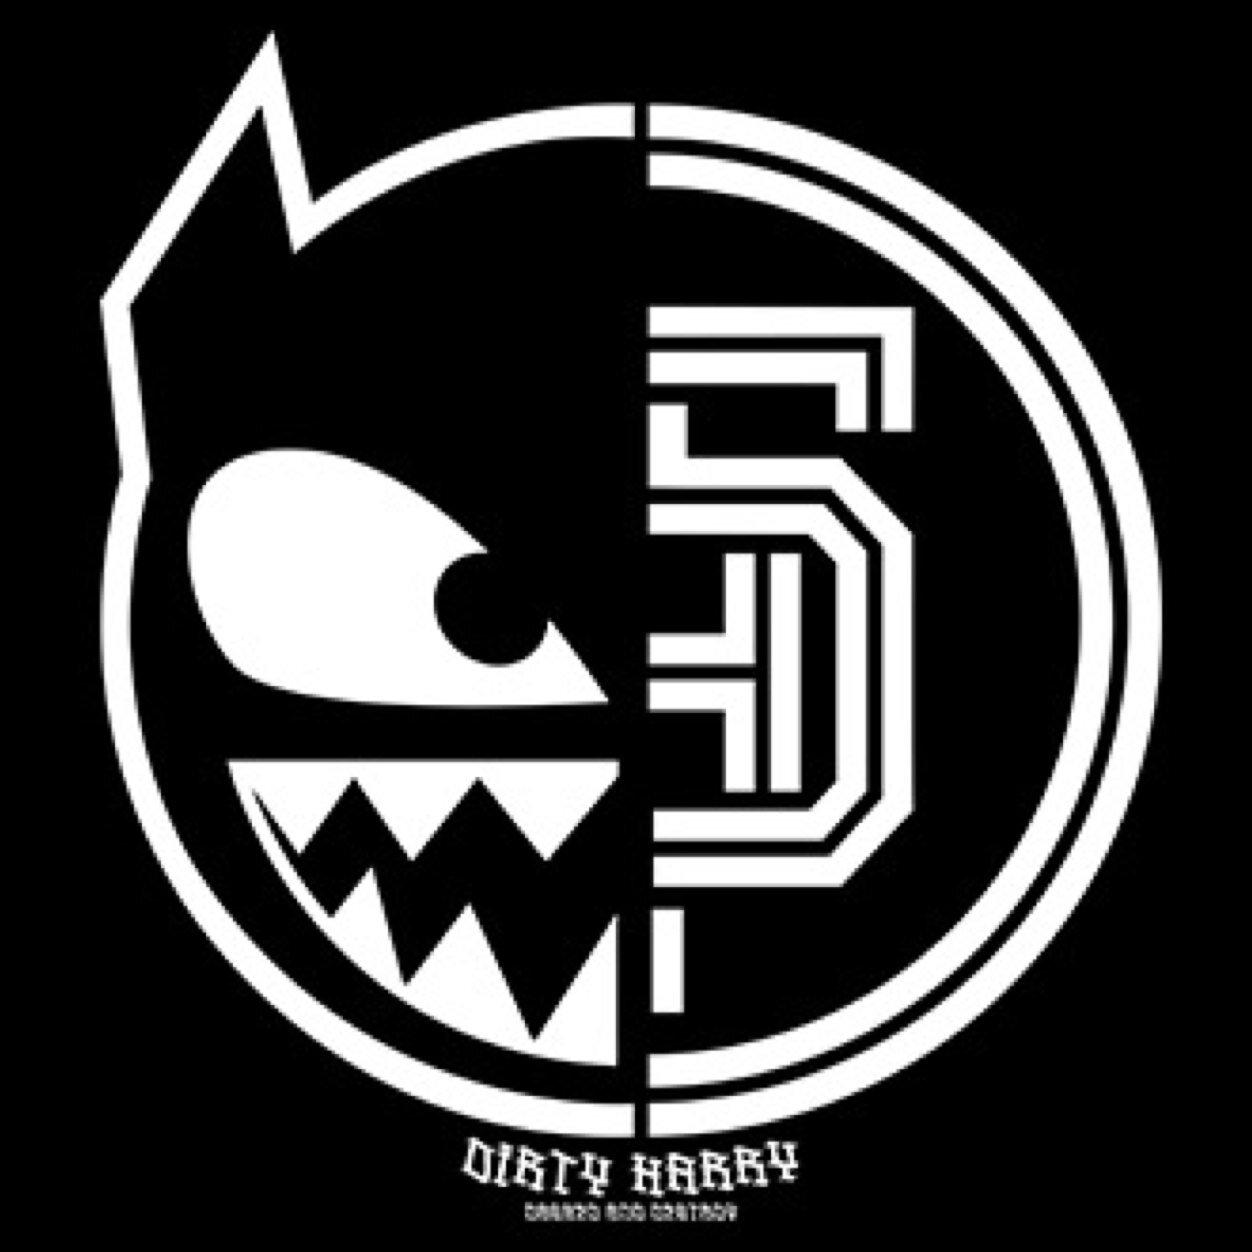 Baju Distro Crooz | newhairstylesformen2014.com